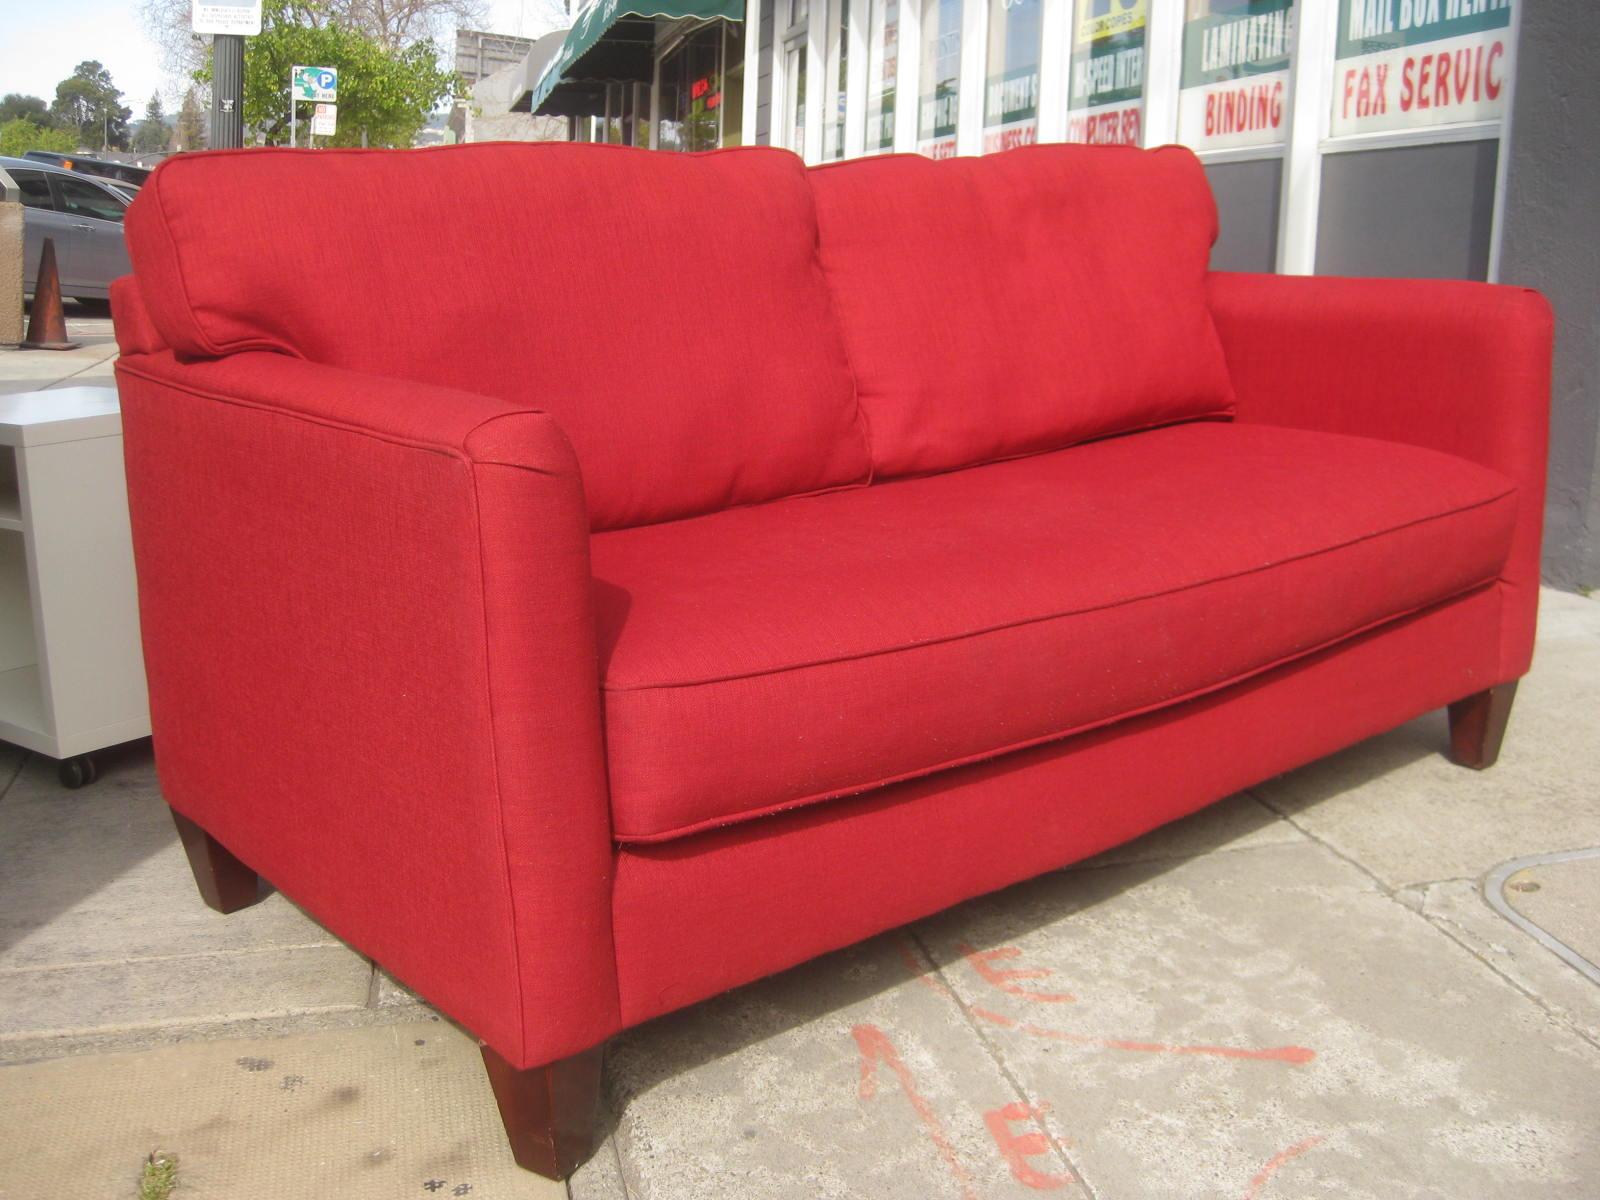 UHURU FURNITURE & COLLECTIBLES SOLD Bauhaus Red Sofa $320